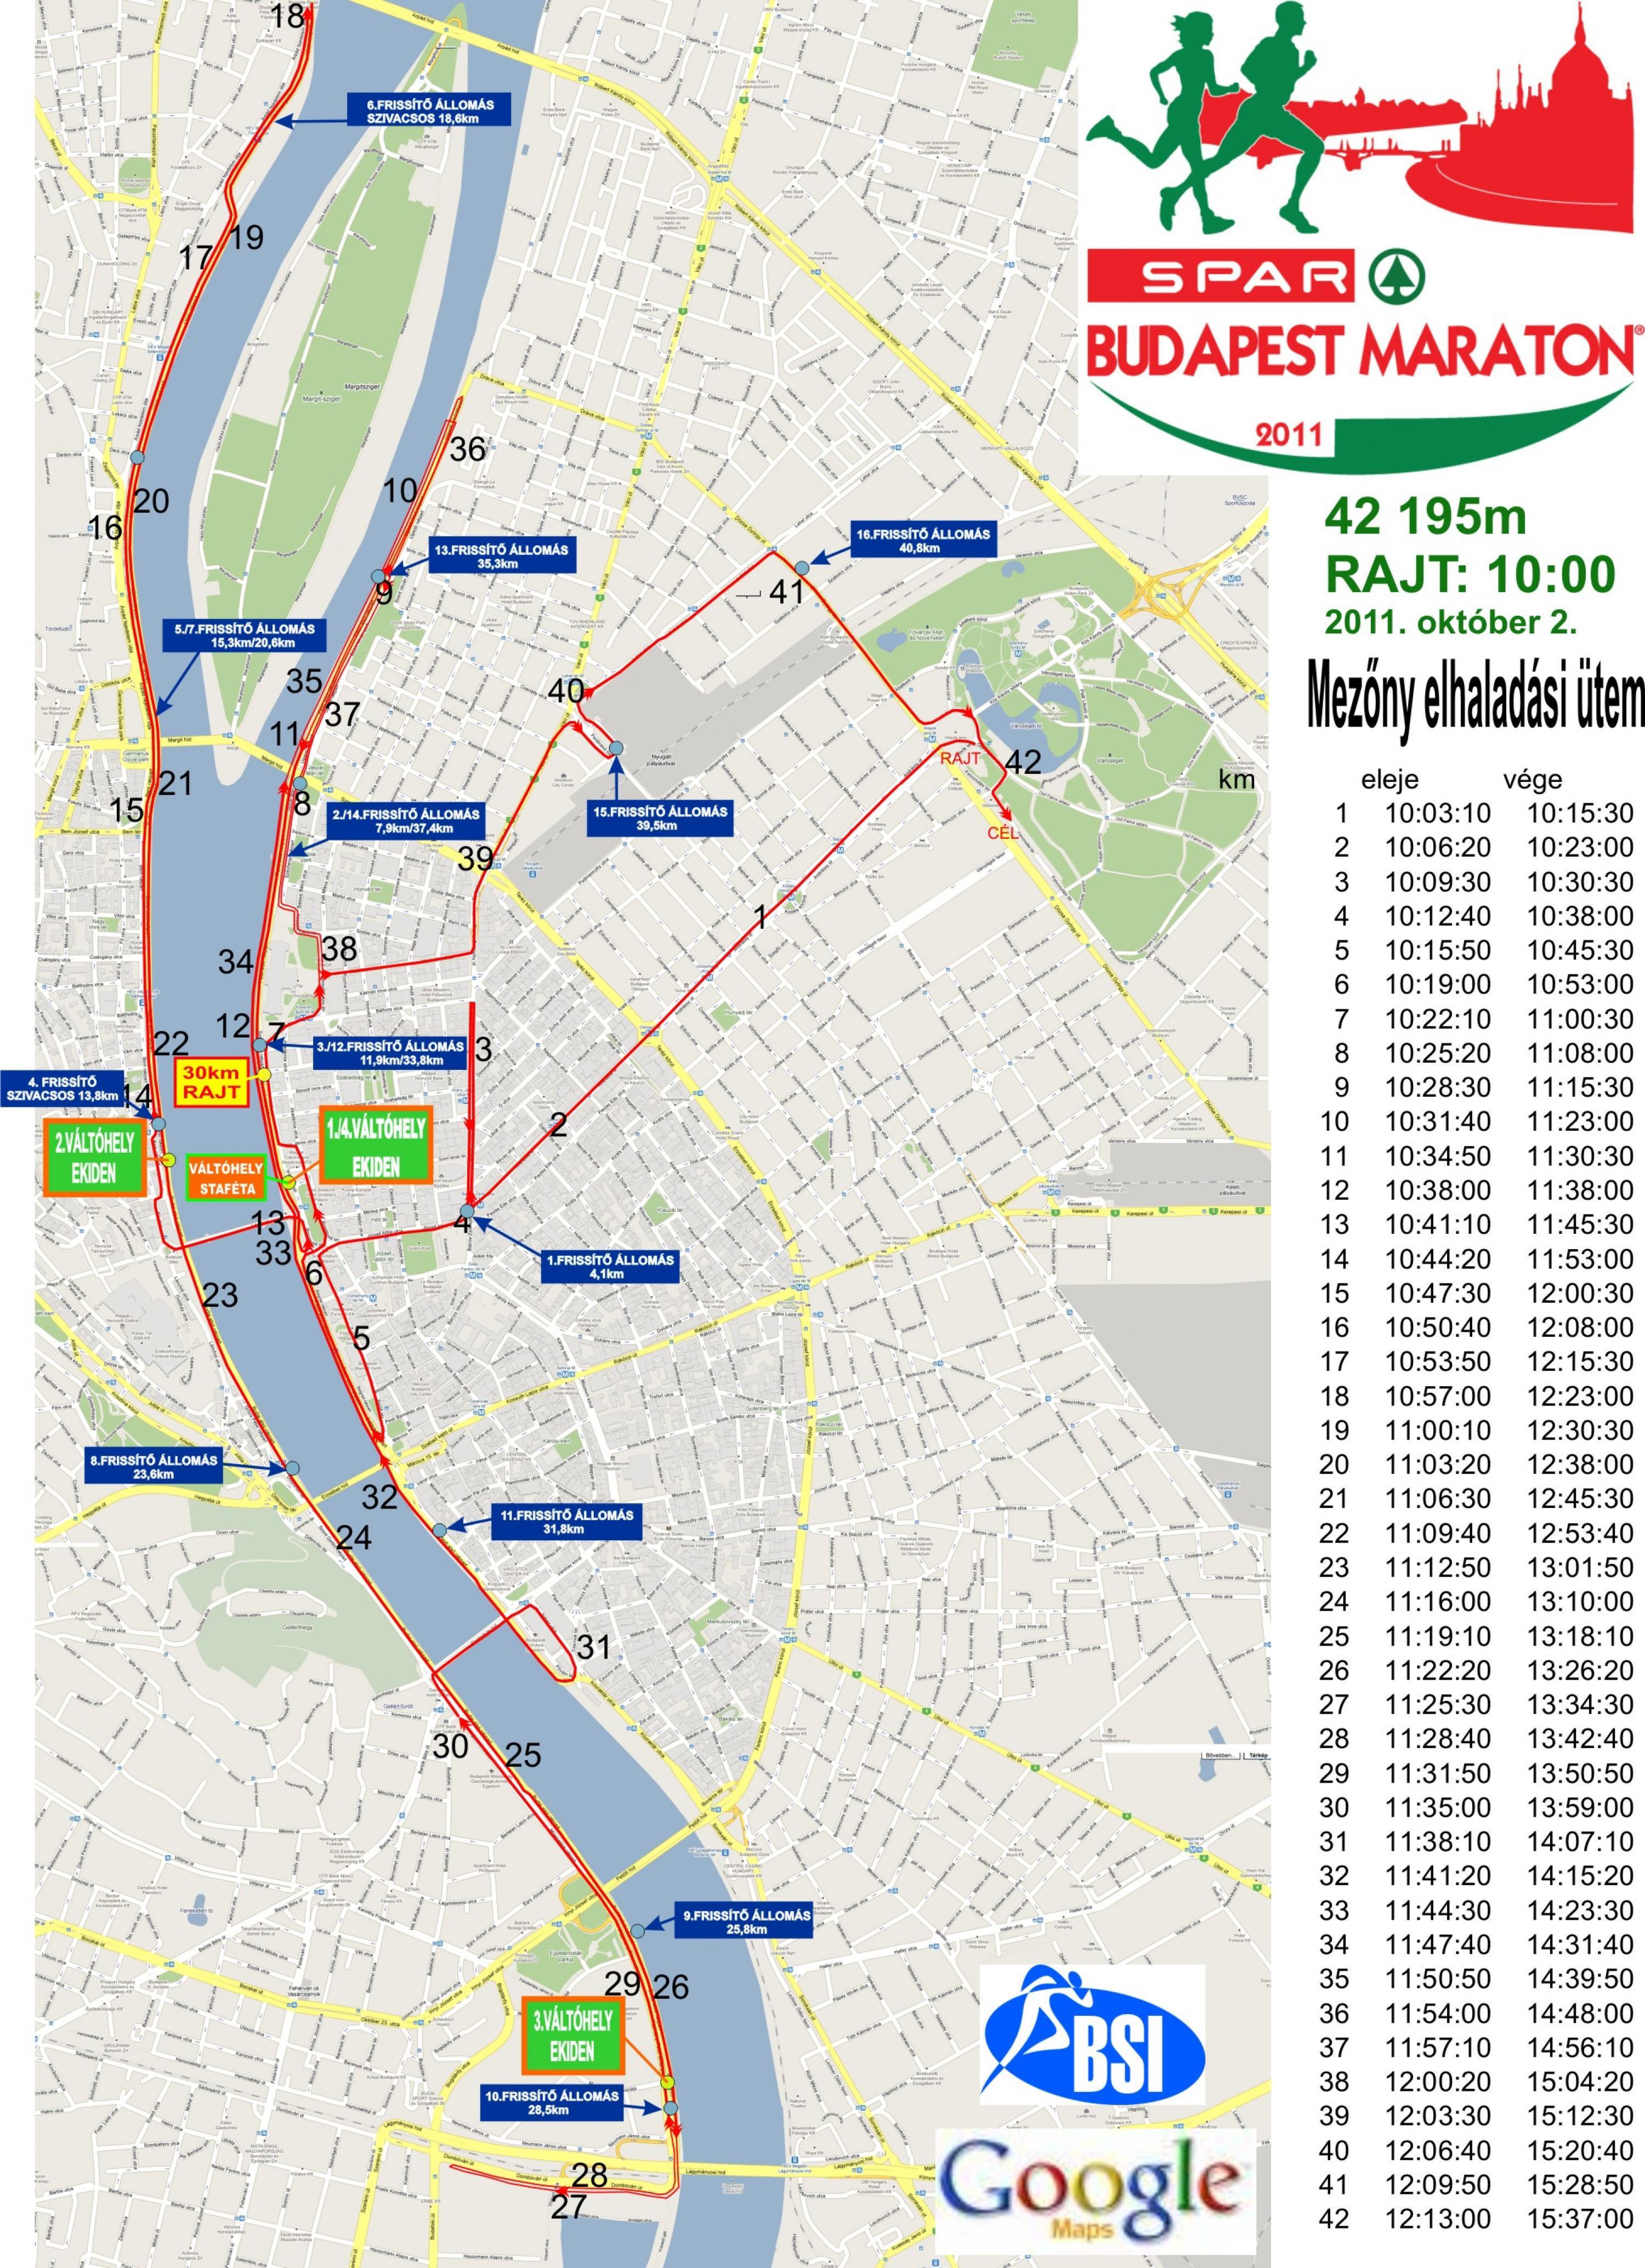 útvonal térkép budapest 27. Spar Budapest Maraton 30 km   térkép   Futanet.hu útvonal térkép budapest